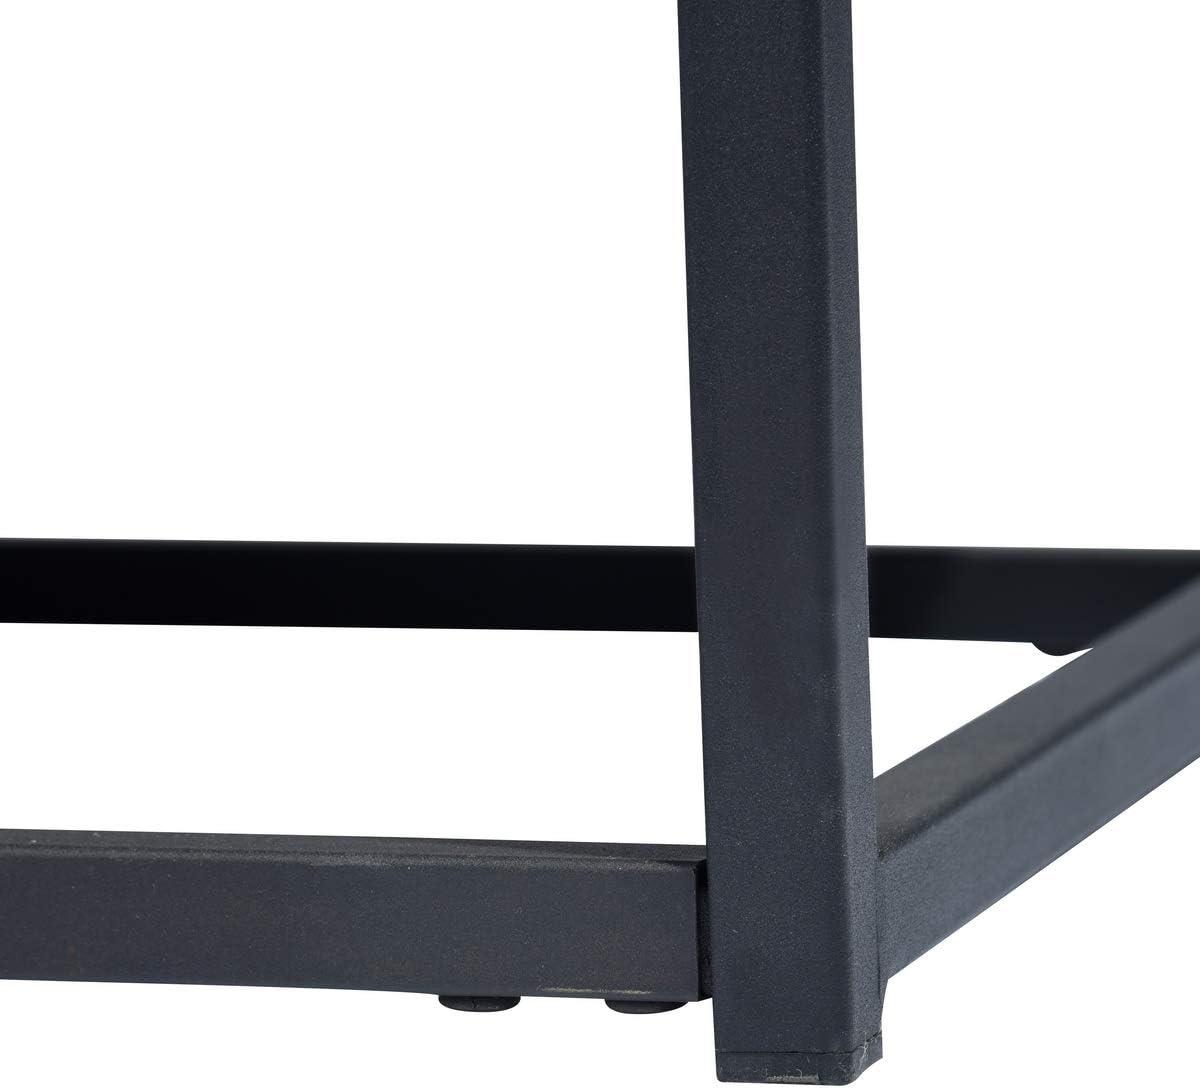 Bout de canap/é,Structure en m/étal et d/'Un Dessus en Bois FURNISH1 Table d/'appoint Table Basse//anguleuse pour Salon Style Industriel